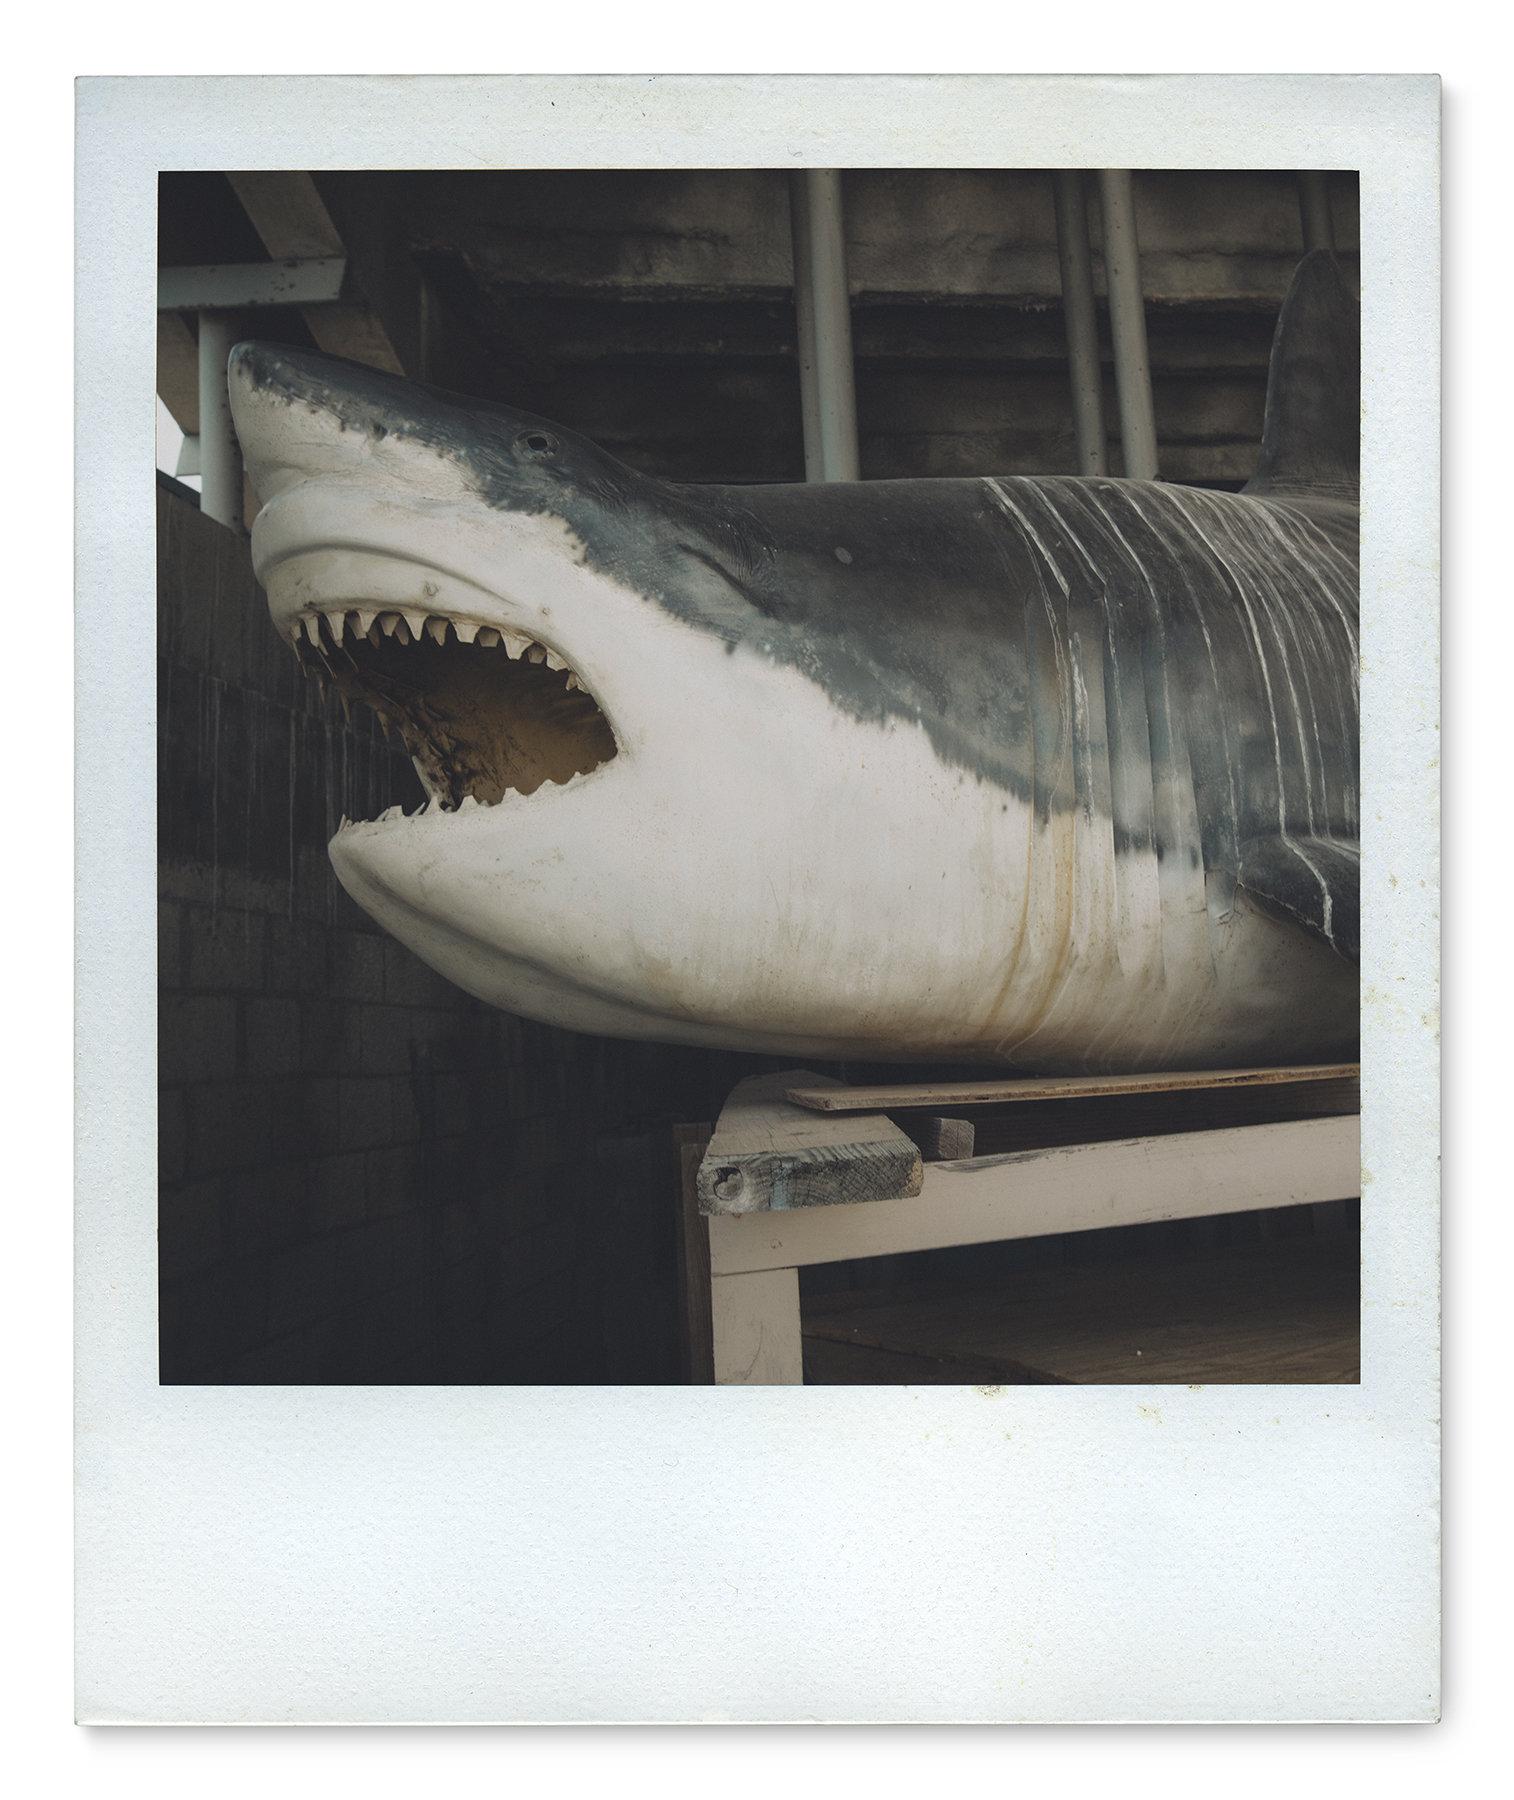 034_Polaroid SX70_MG_9761.jpg